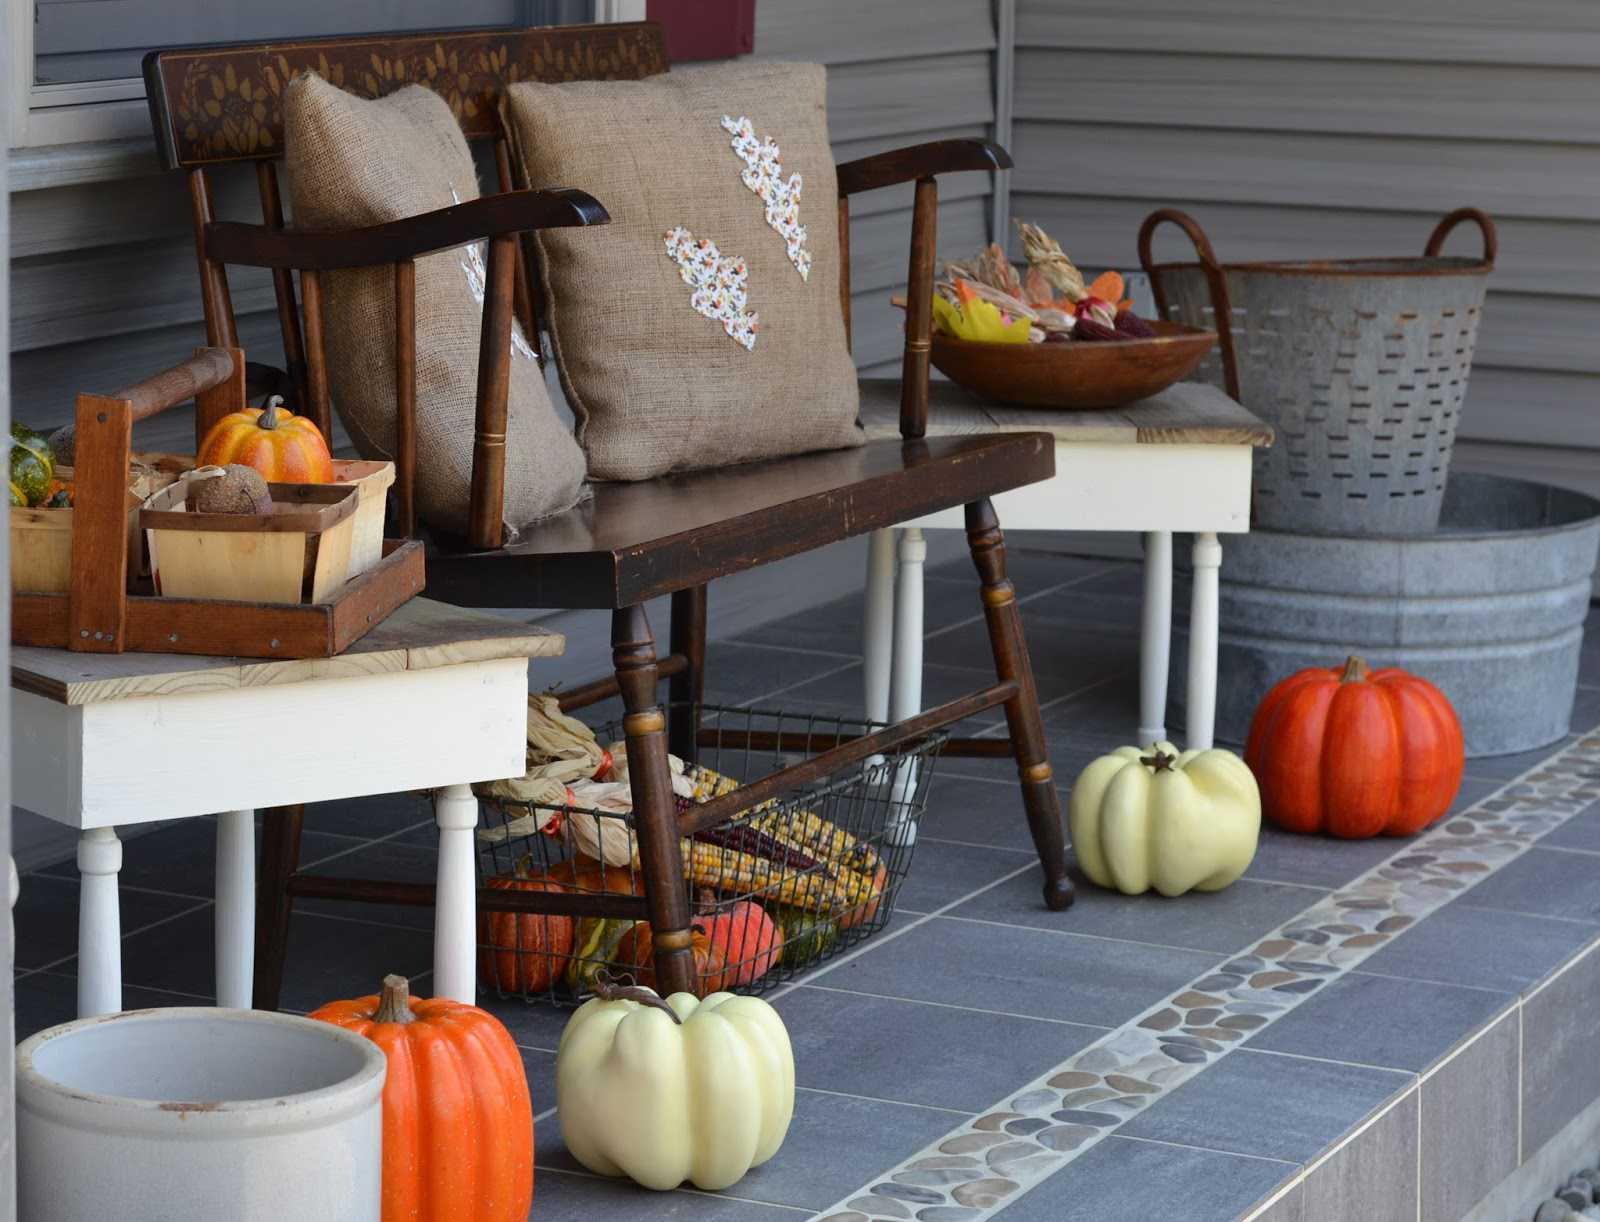 exhibición del porche delantero de otoño Shabby chic